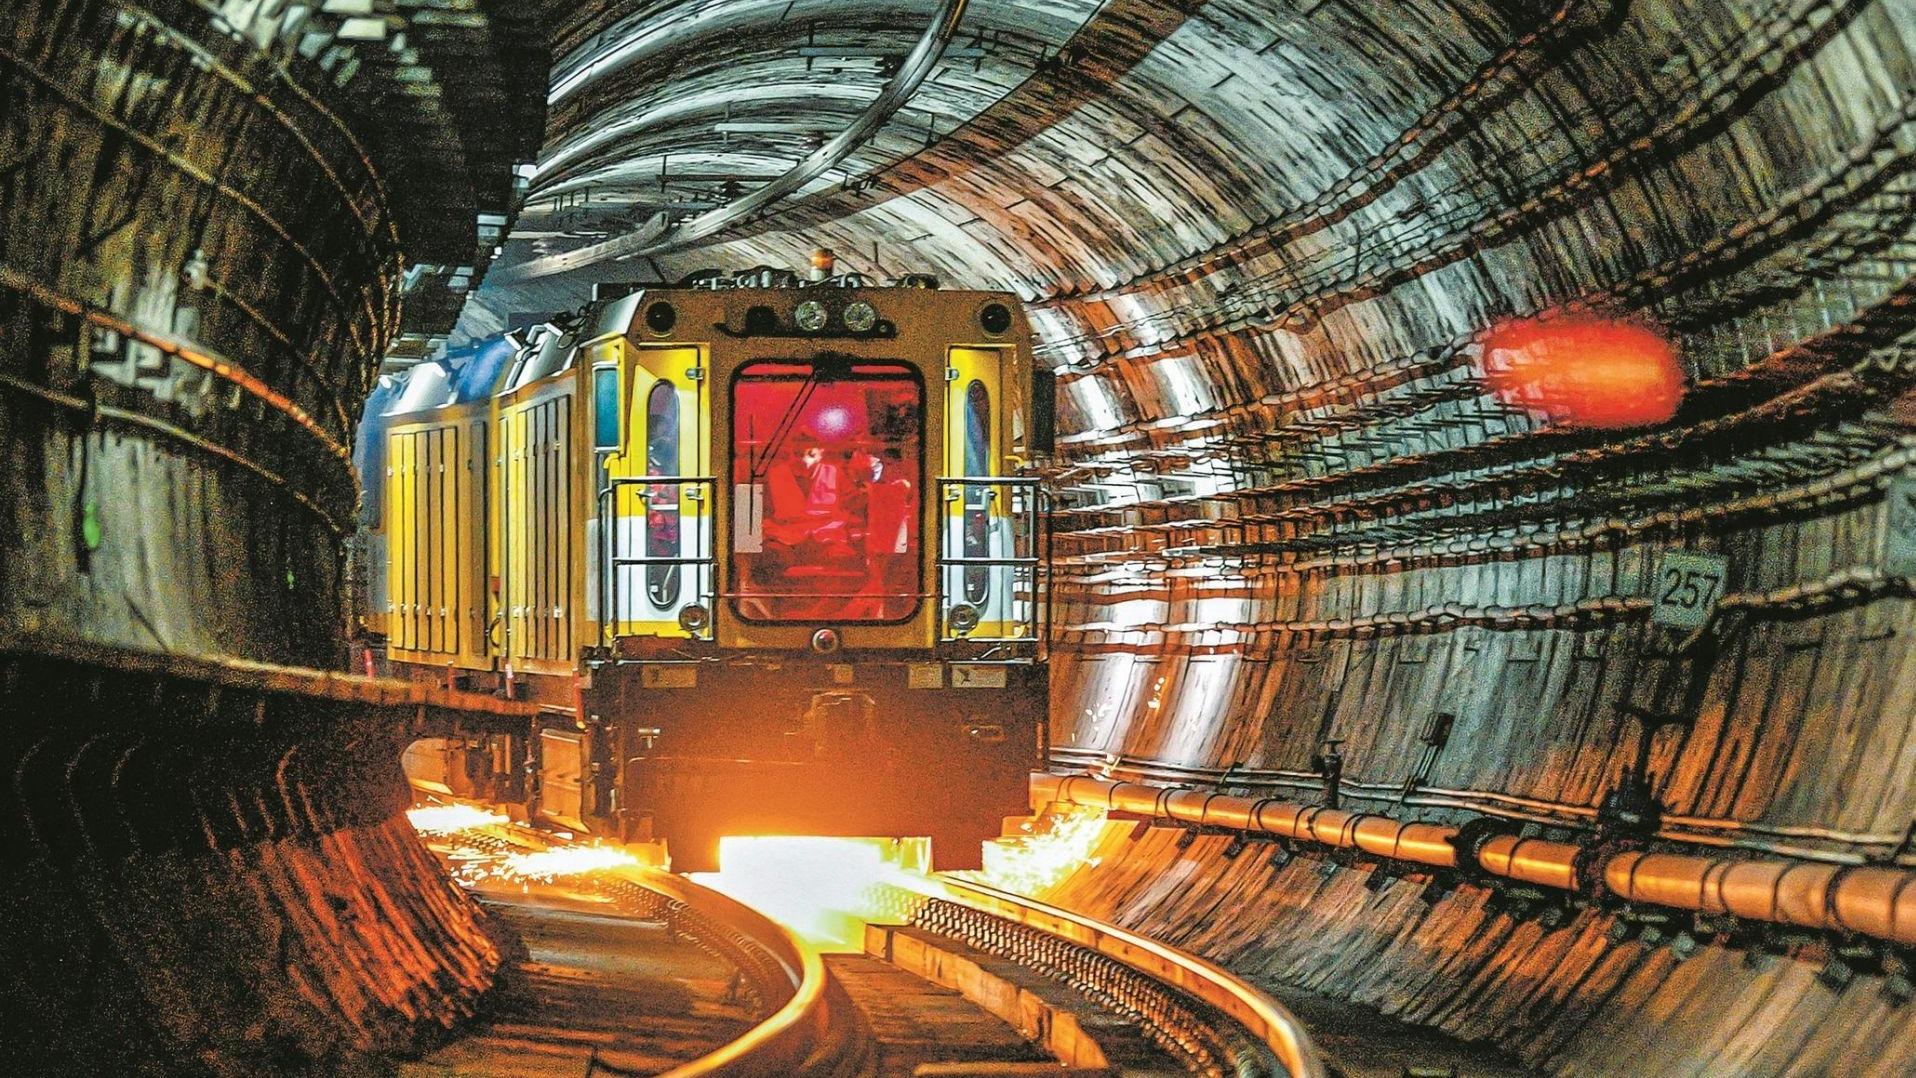 【光影】地铁钢轨整形师 打磨静夜好时光